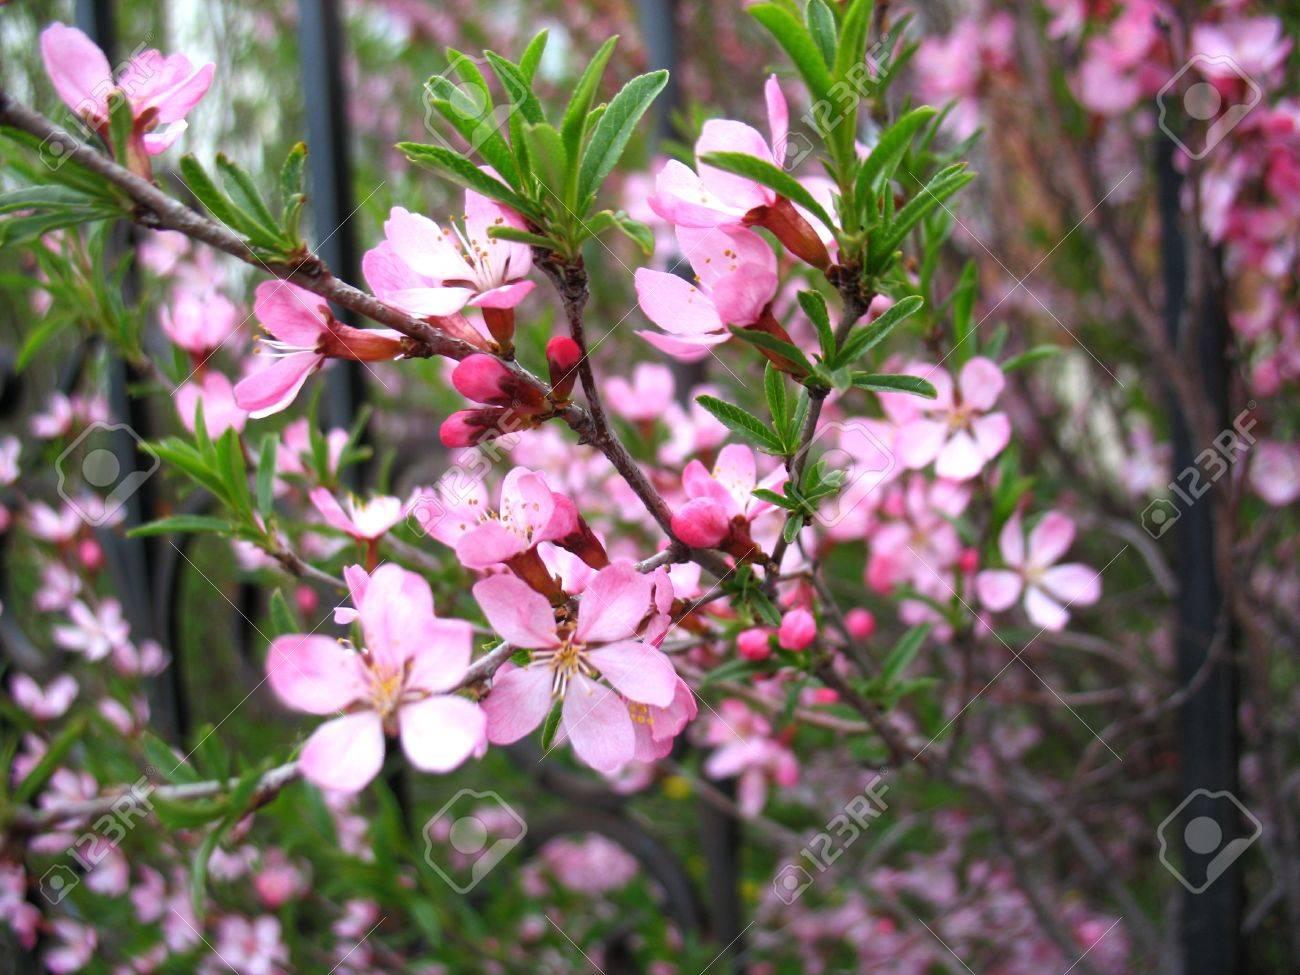 il ya des fleurs roses de romarin sauvage banque d'images et